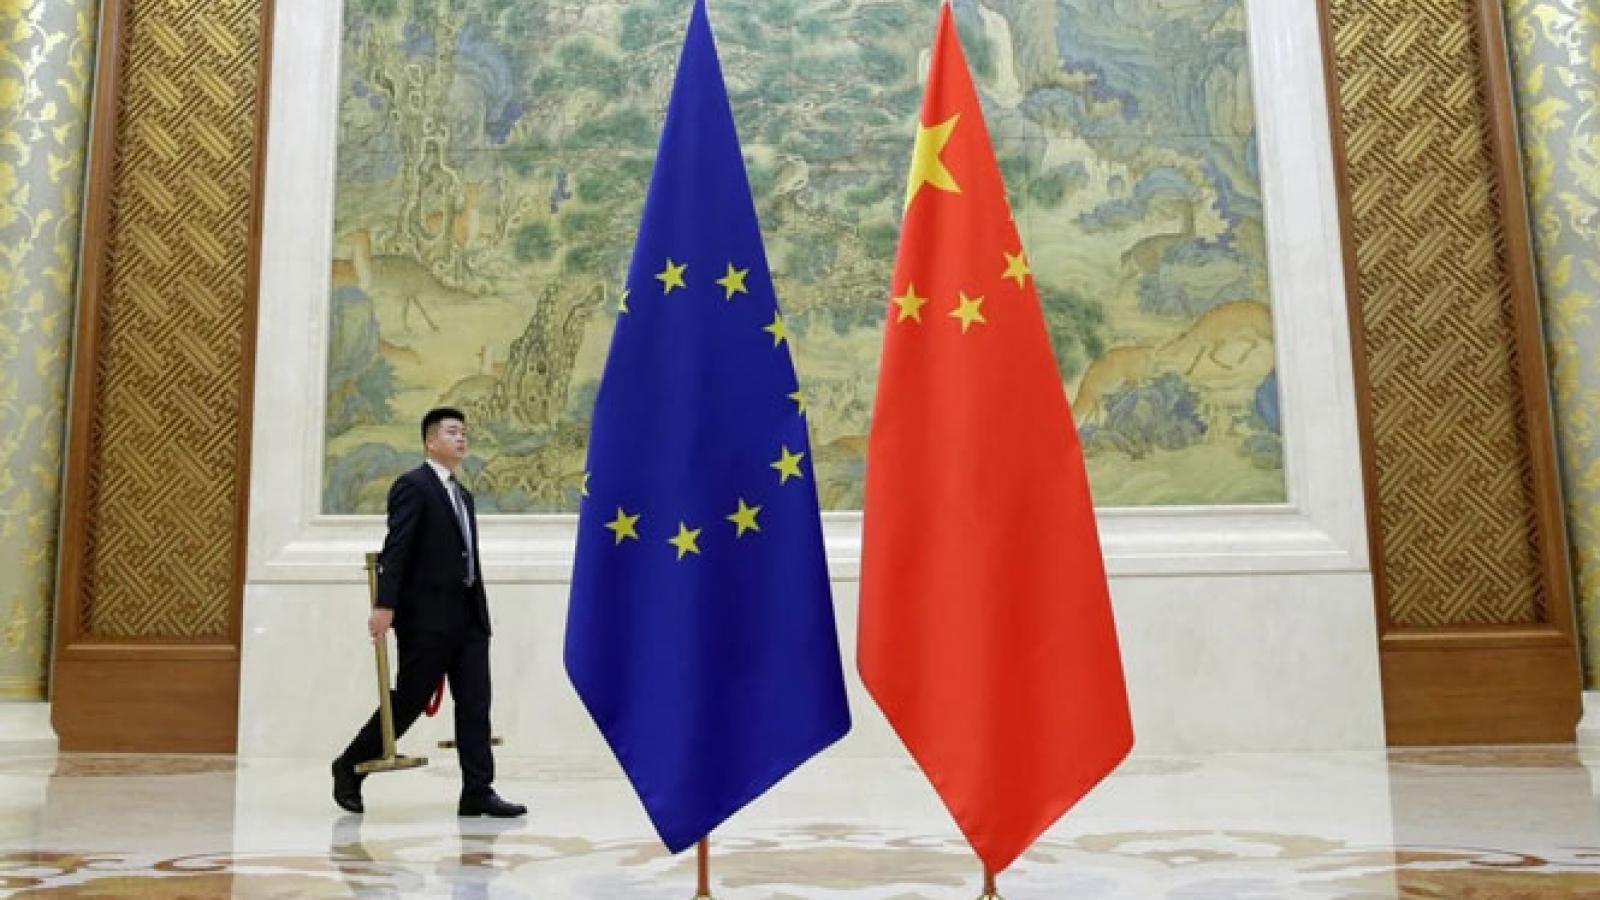 Căng thẳng vì lệnh trừng phạt, EU hoãn phê chuẩn thỏa thuận đầu tư với Trung Quốc